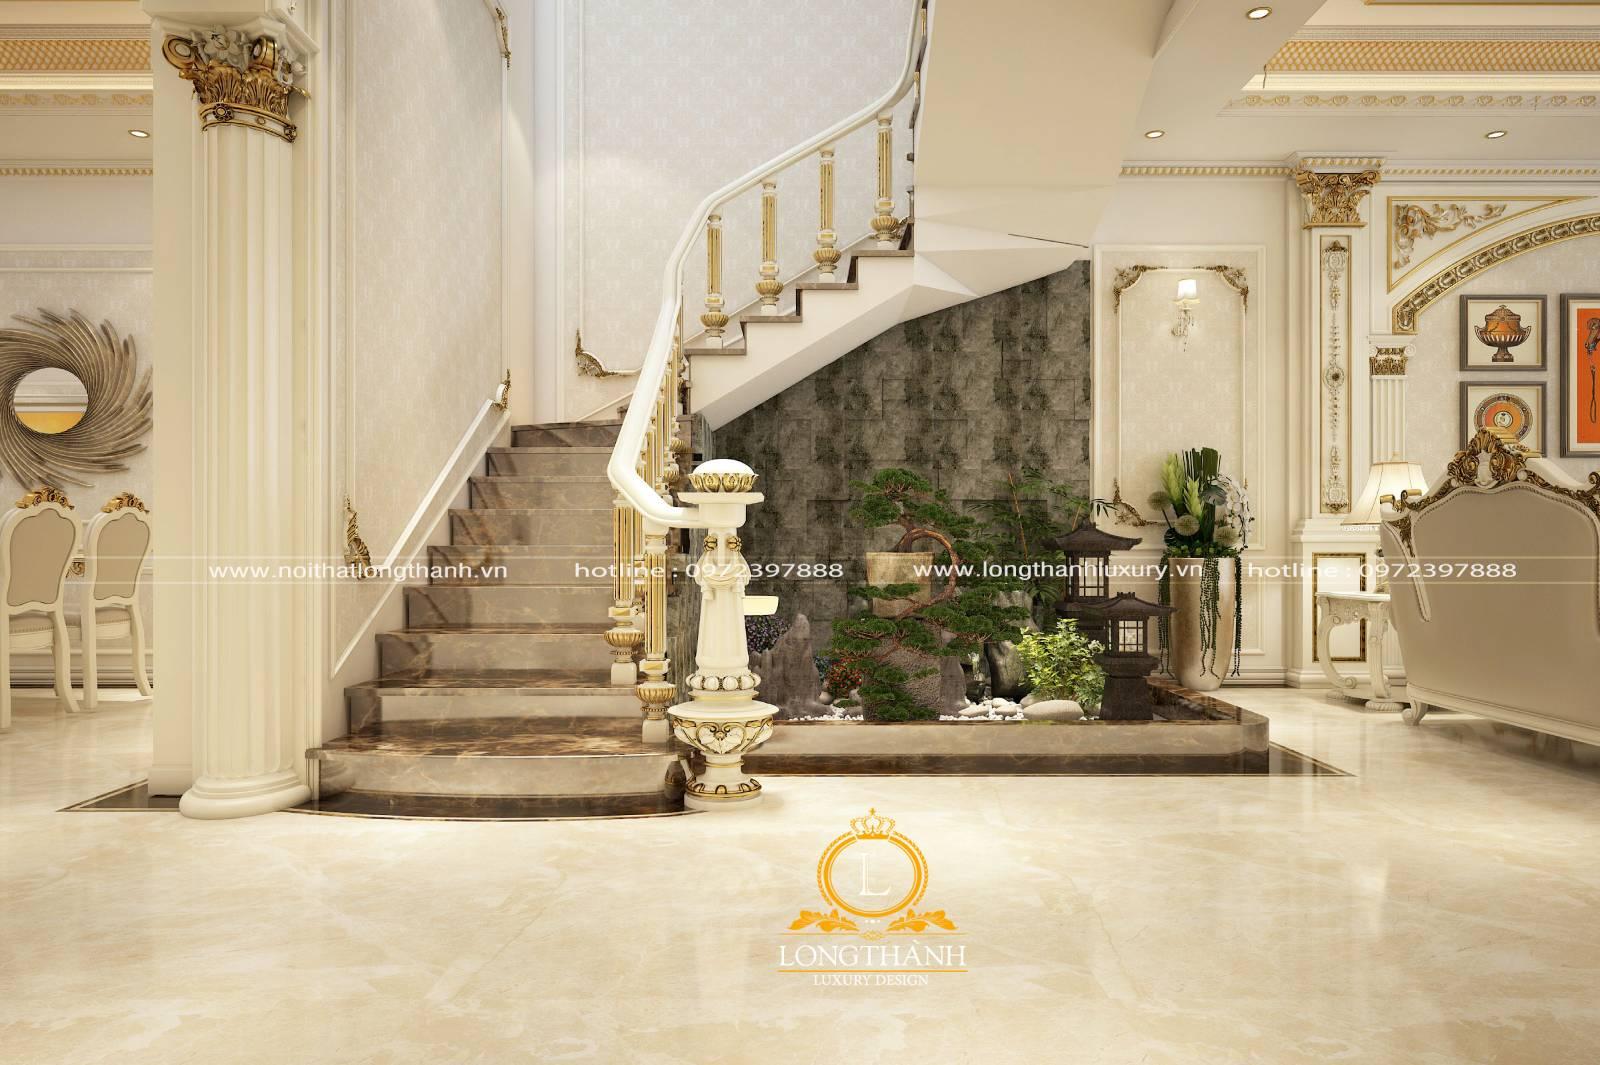 Cầu thang phòng khách biệt thự được thiết kế rộng và nhiều chi tiết hơn